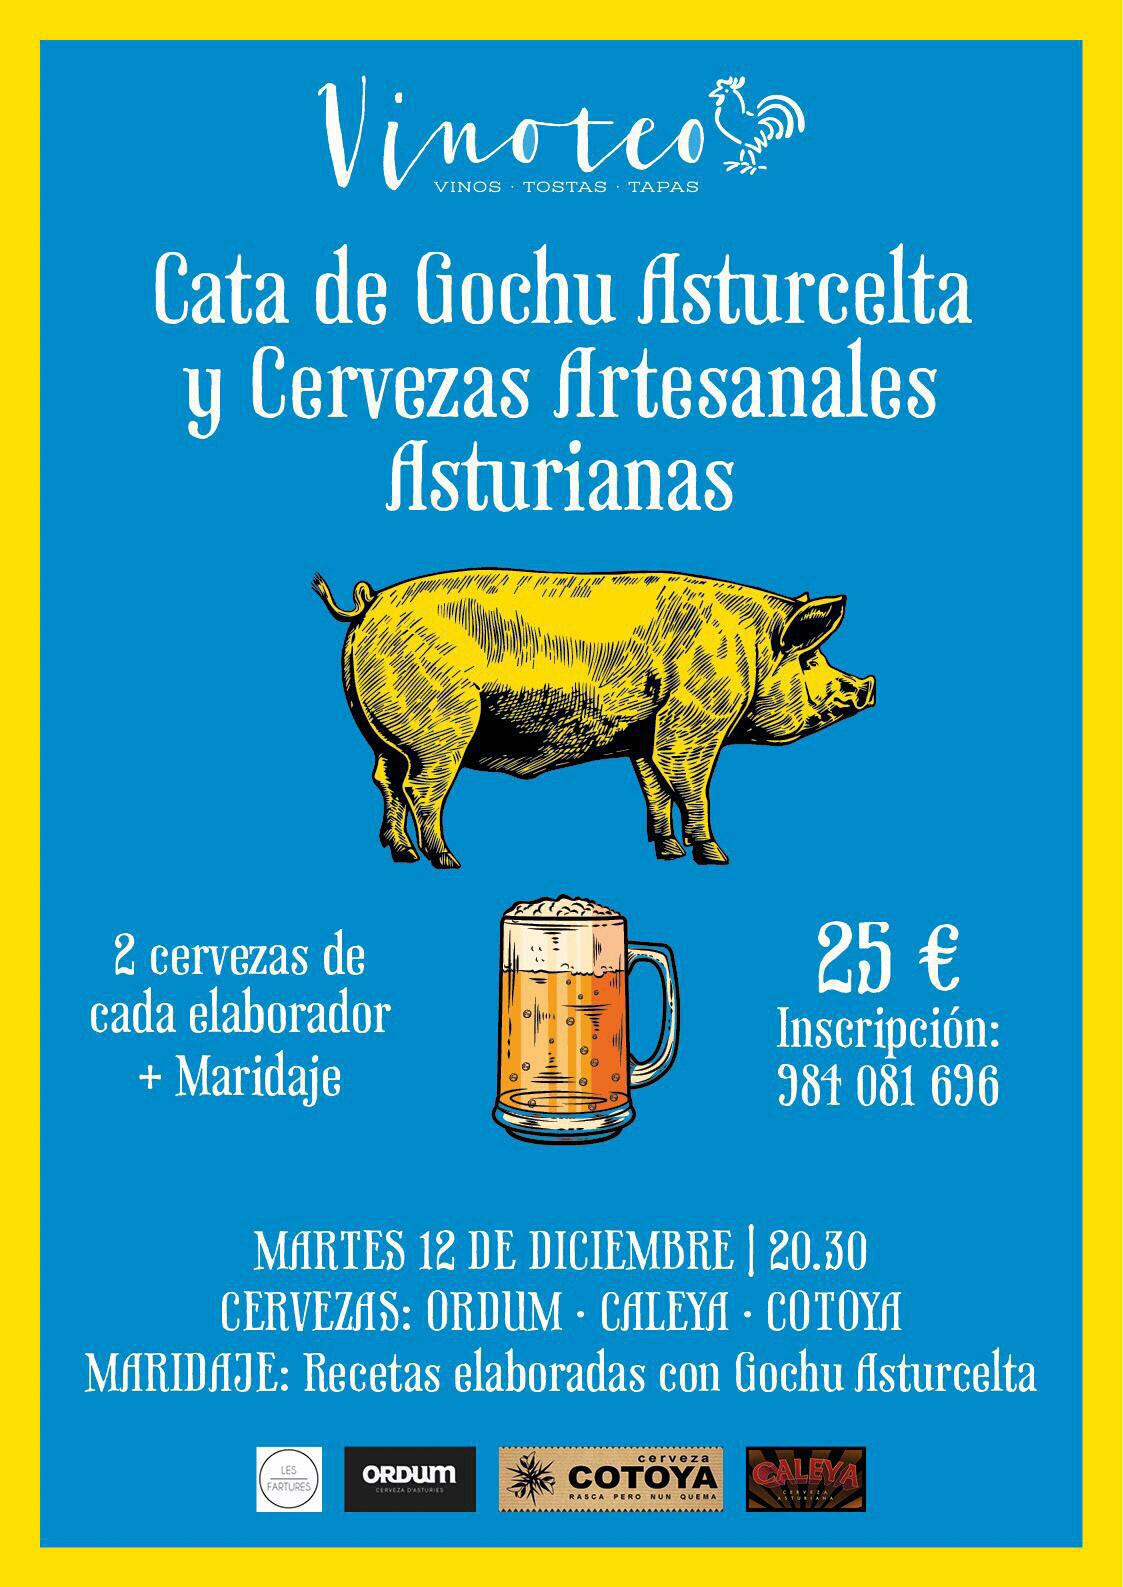 Cata de Gochu Asturcelta y Cervezas ArtesanasAsturianas